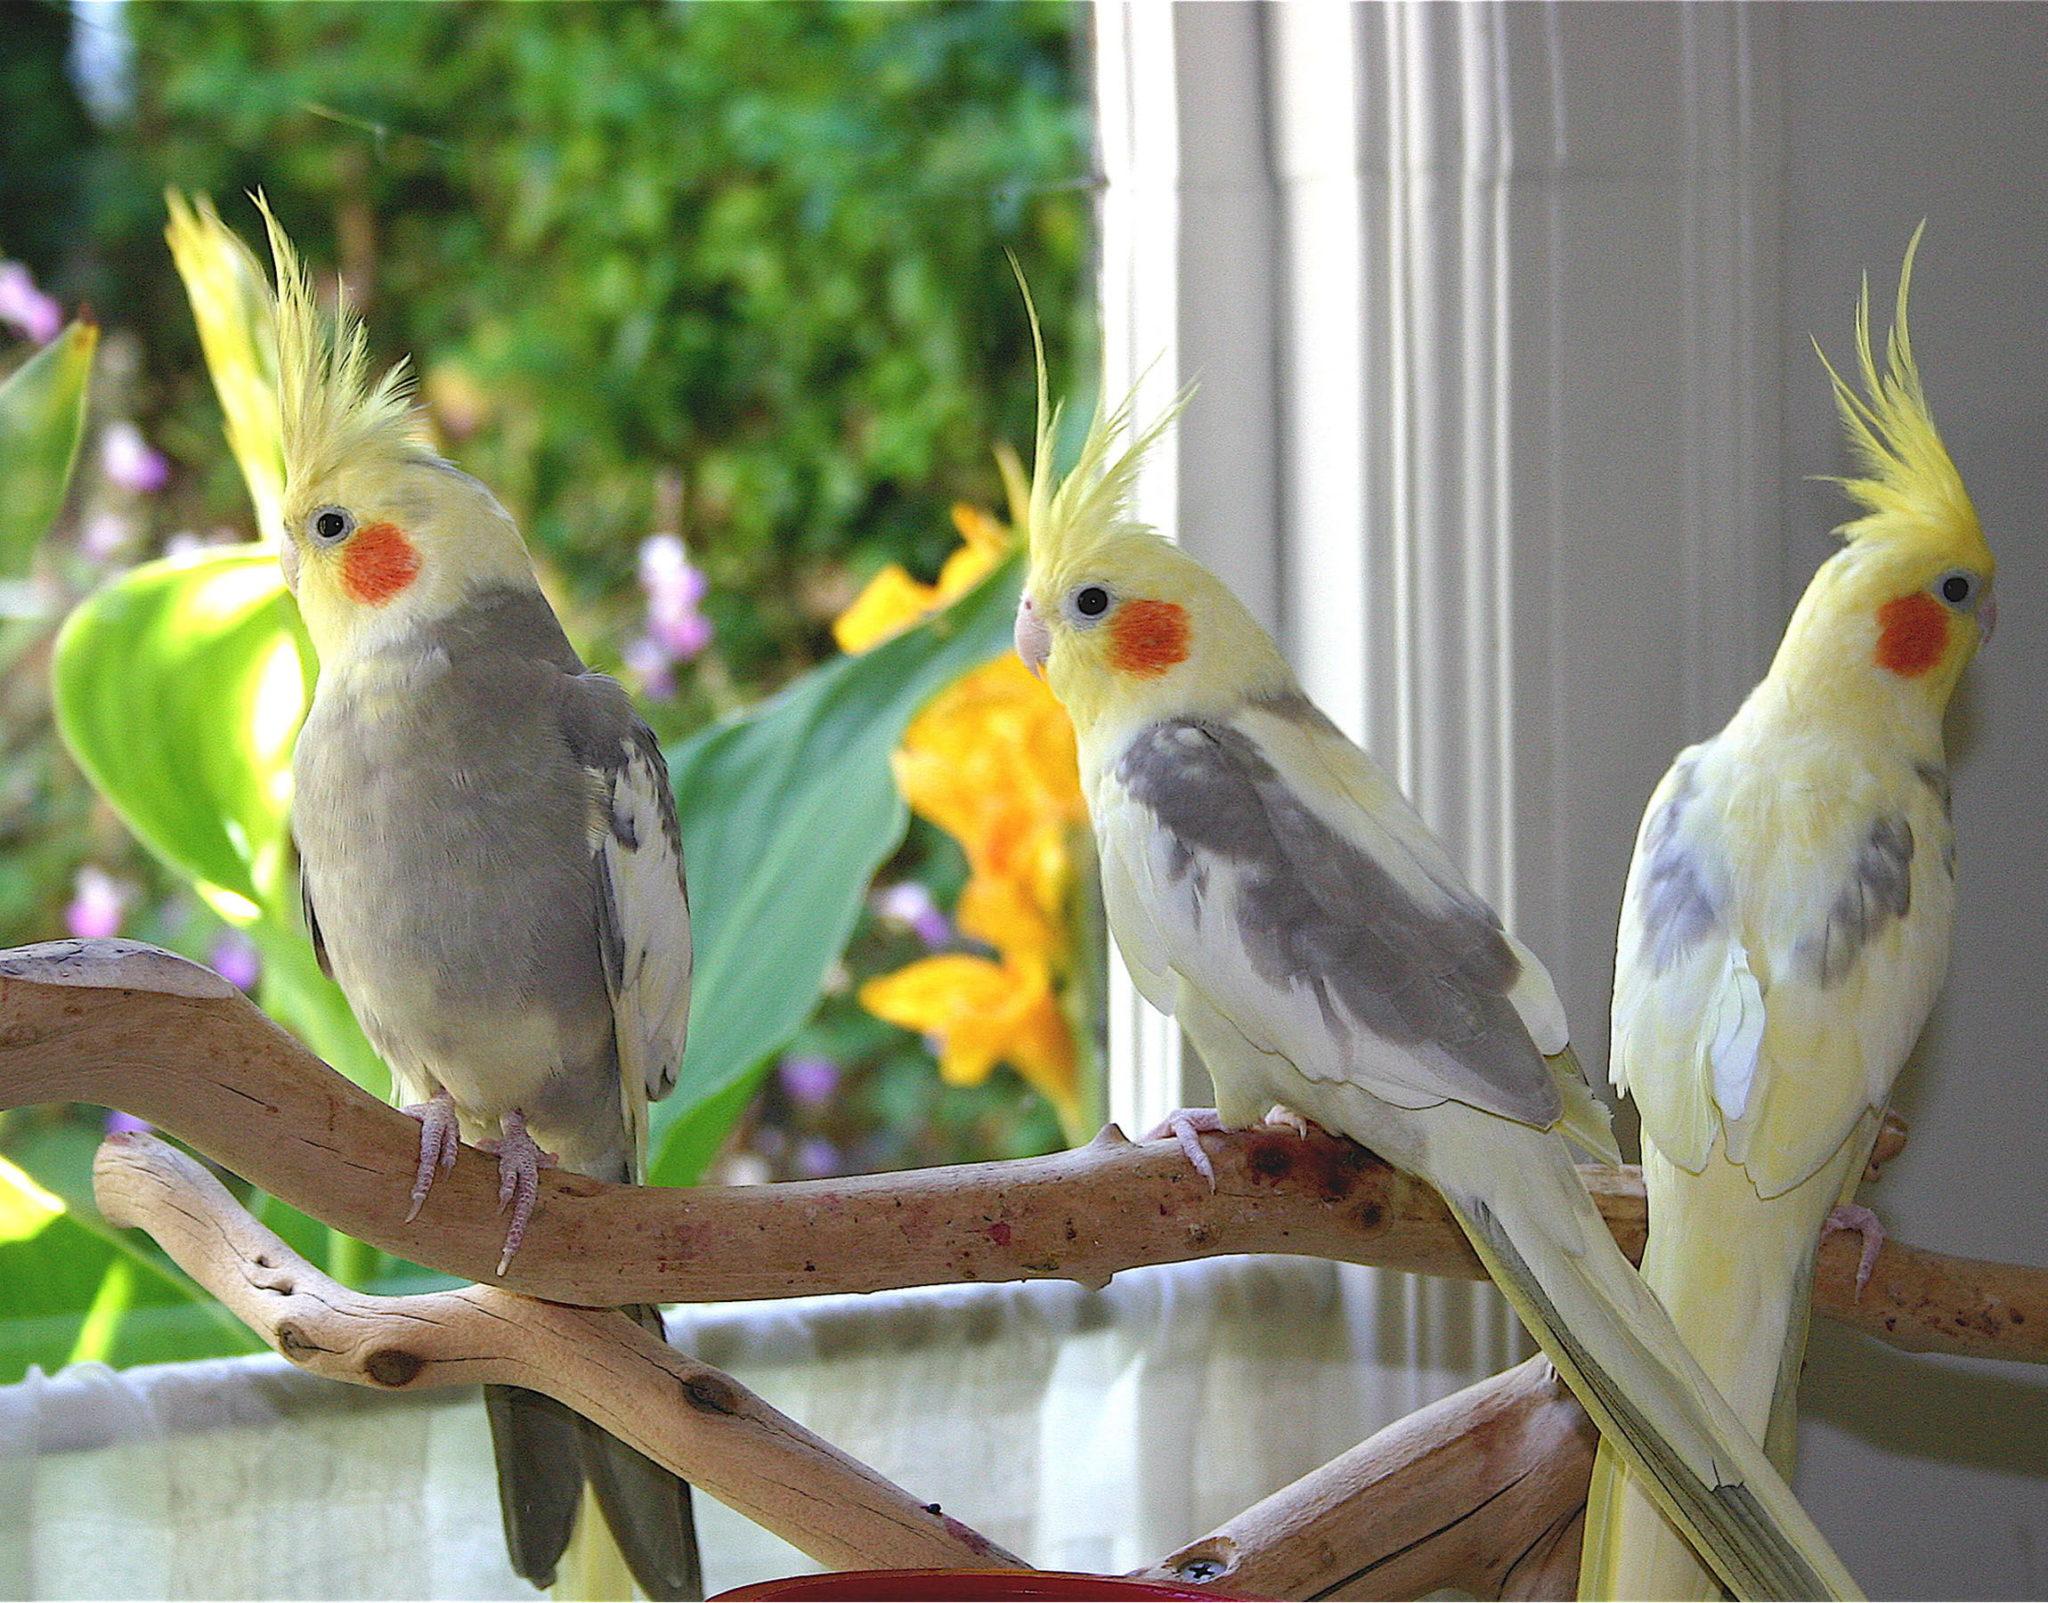 بالصور عصافير الزينة , طيور الزينة 5003 8